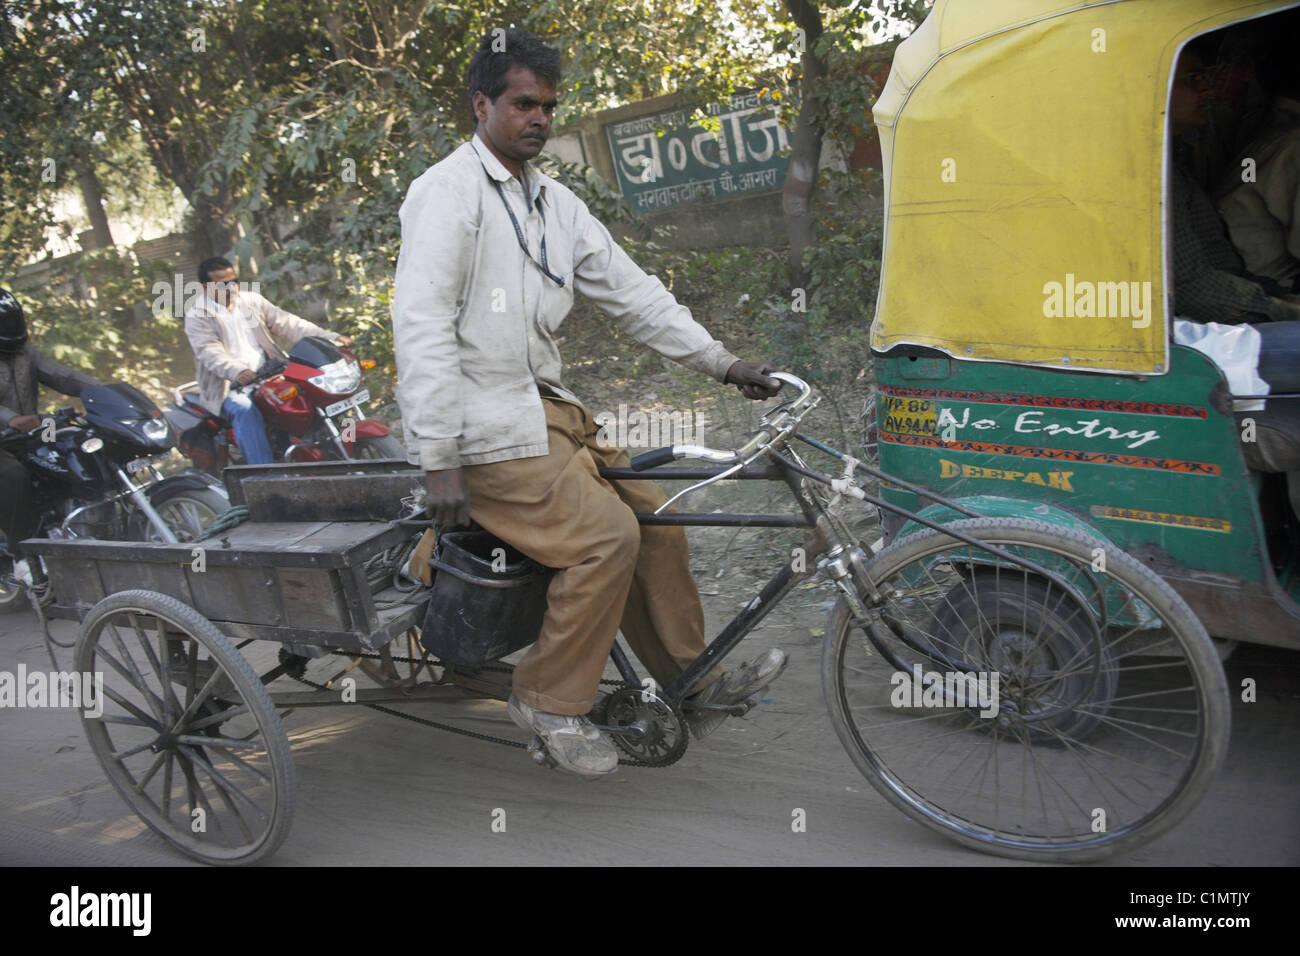 IND, India,20110310, Rickshaw - Stock Image